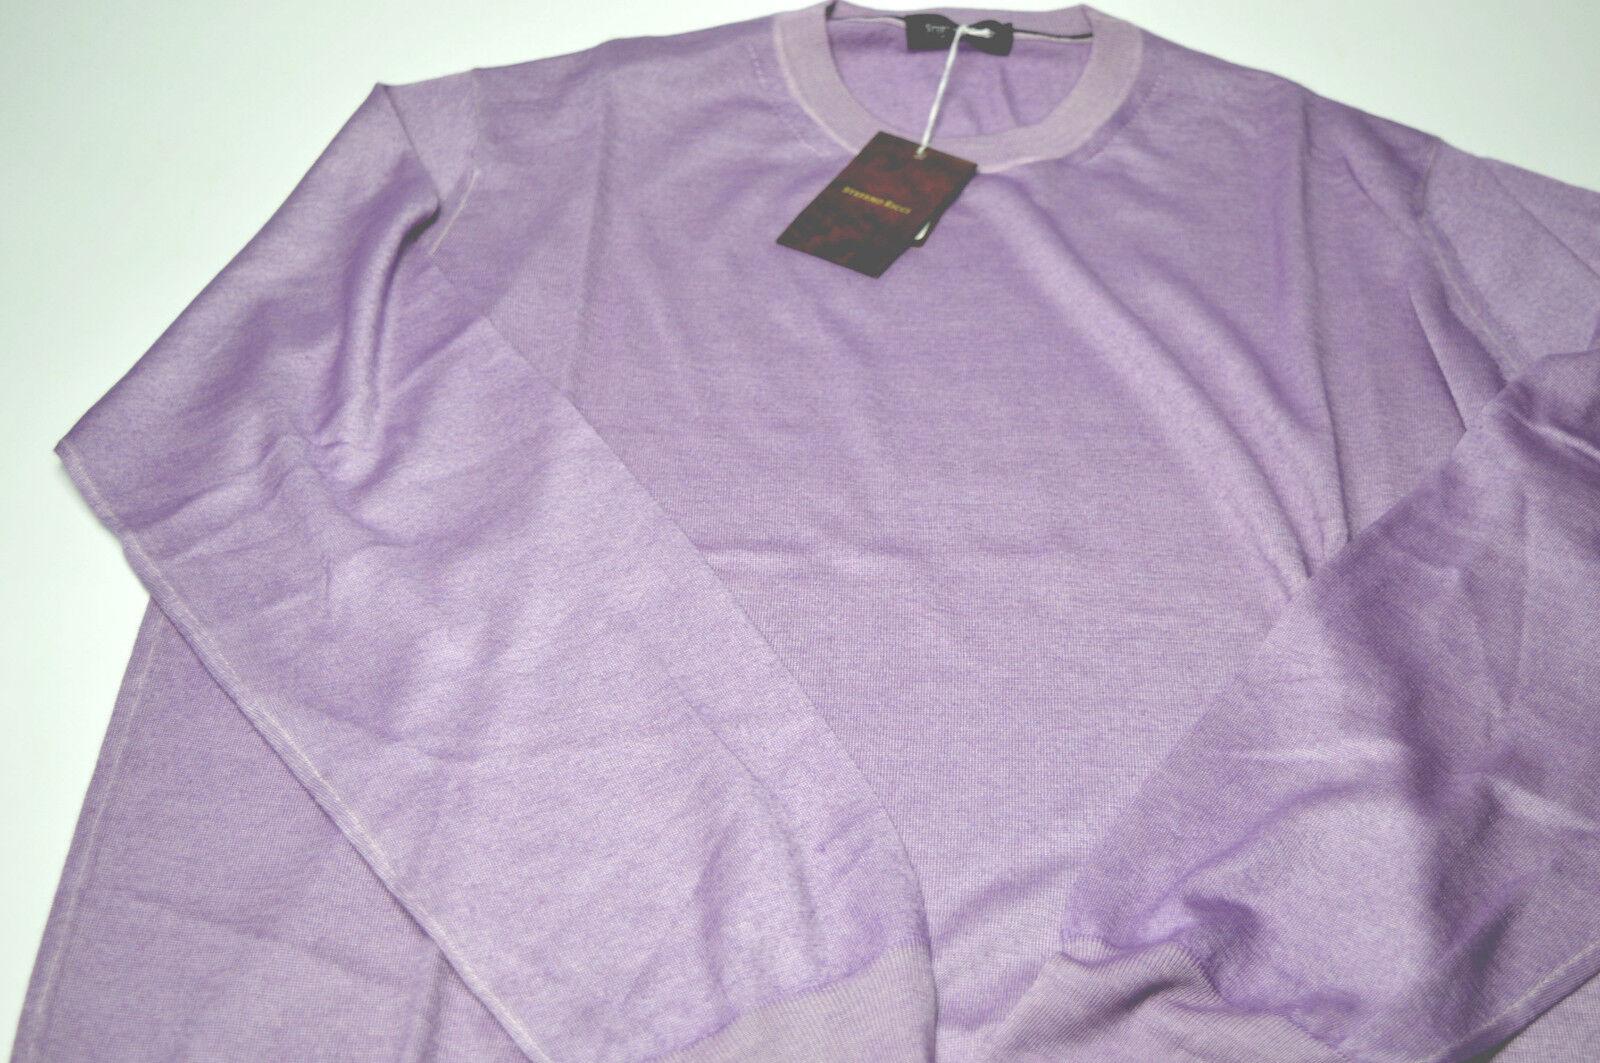 NEW   1740,00 STEFANO RICCI  Sweater  RICCI Cashmere  Size 2XL Us 56 Eu (COD AF18) 89758e